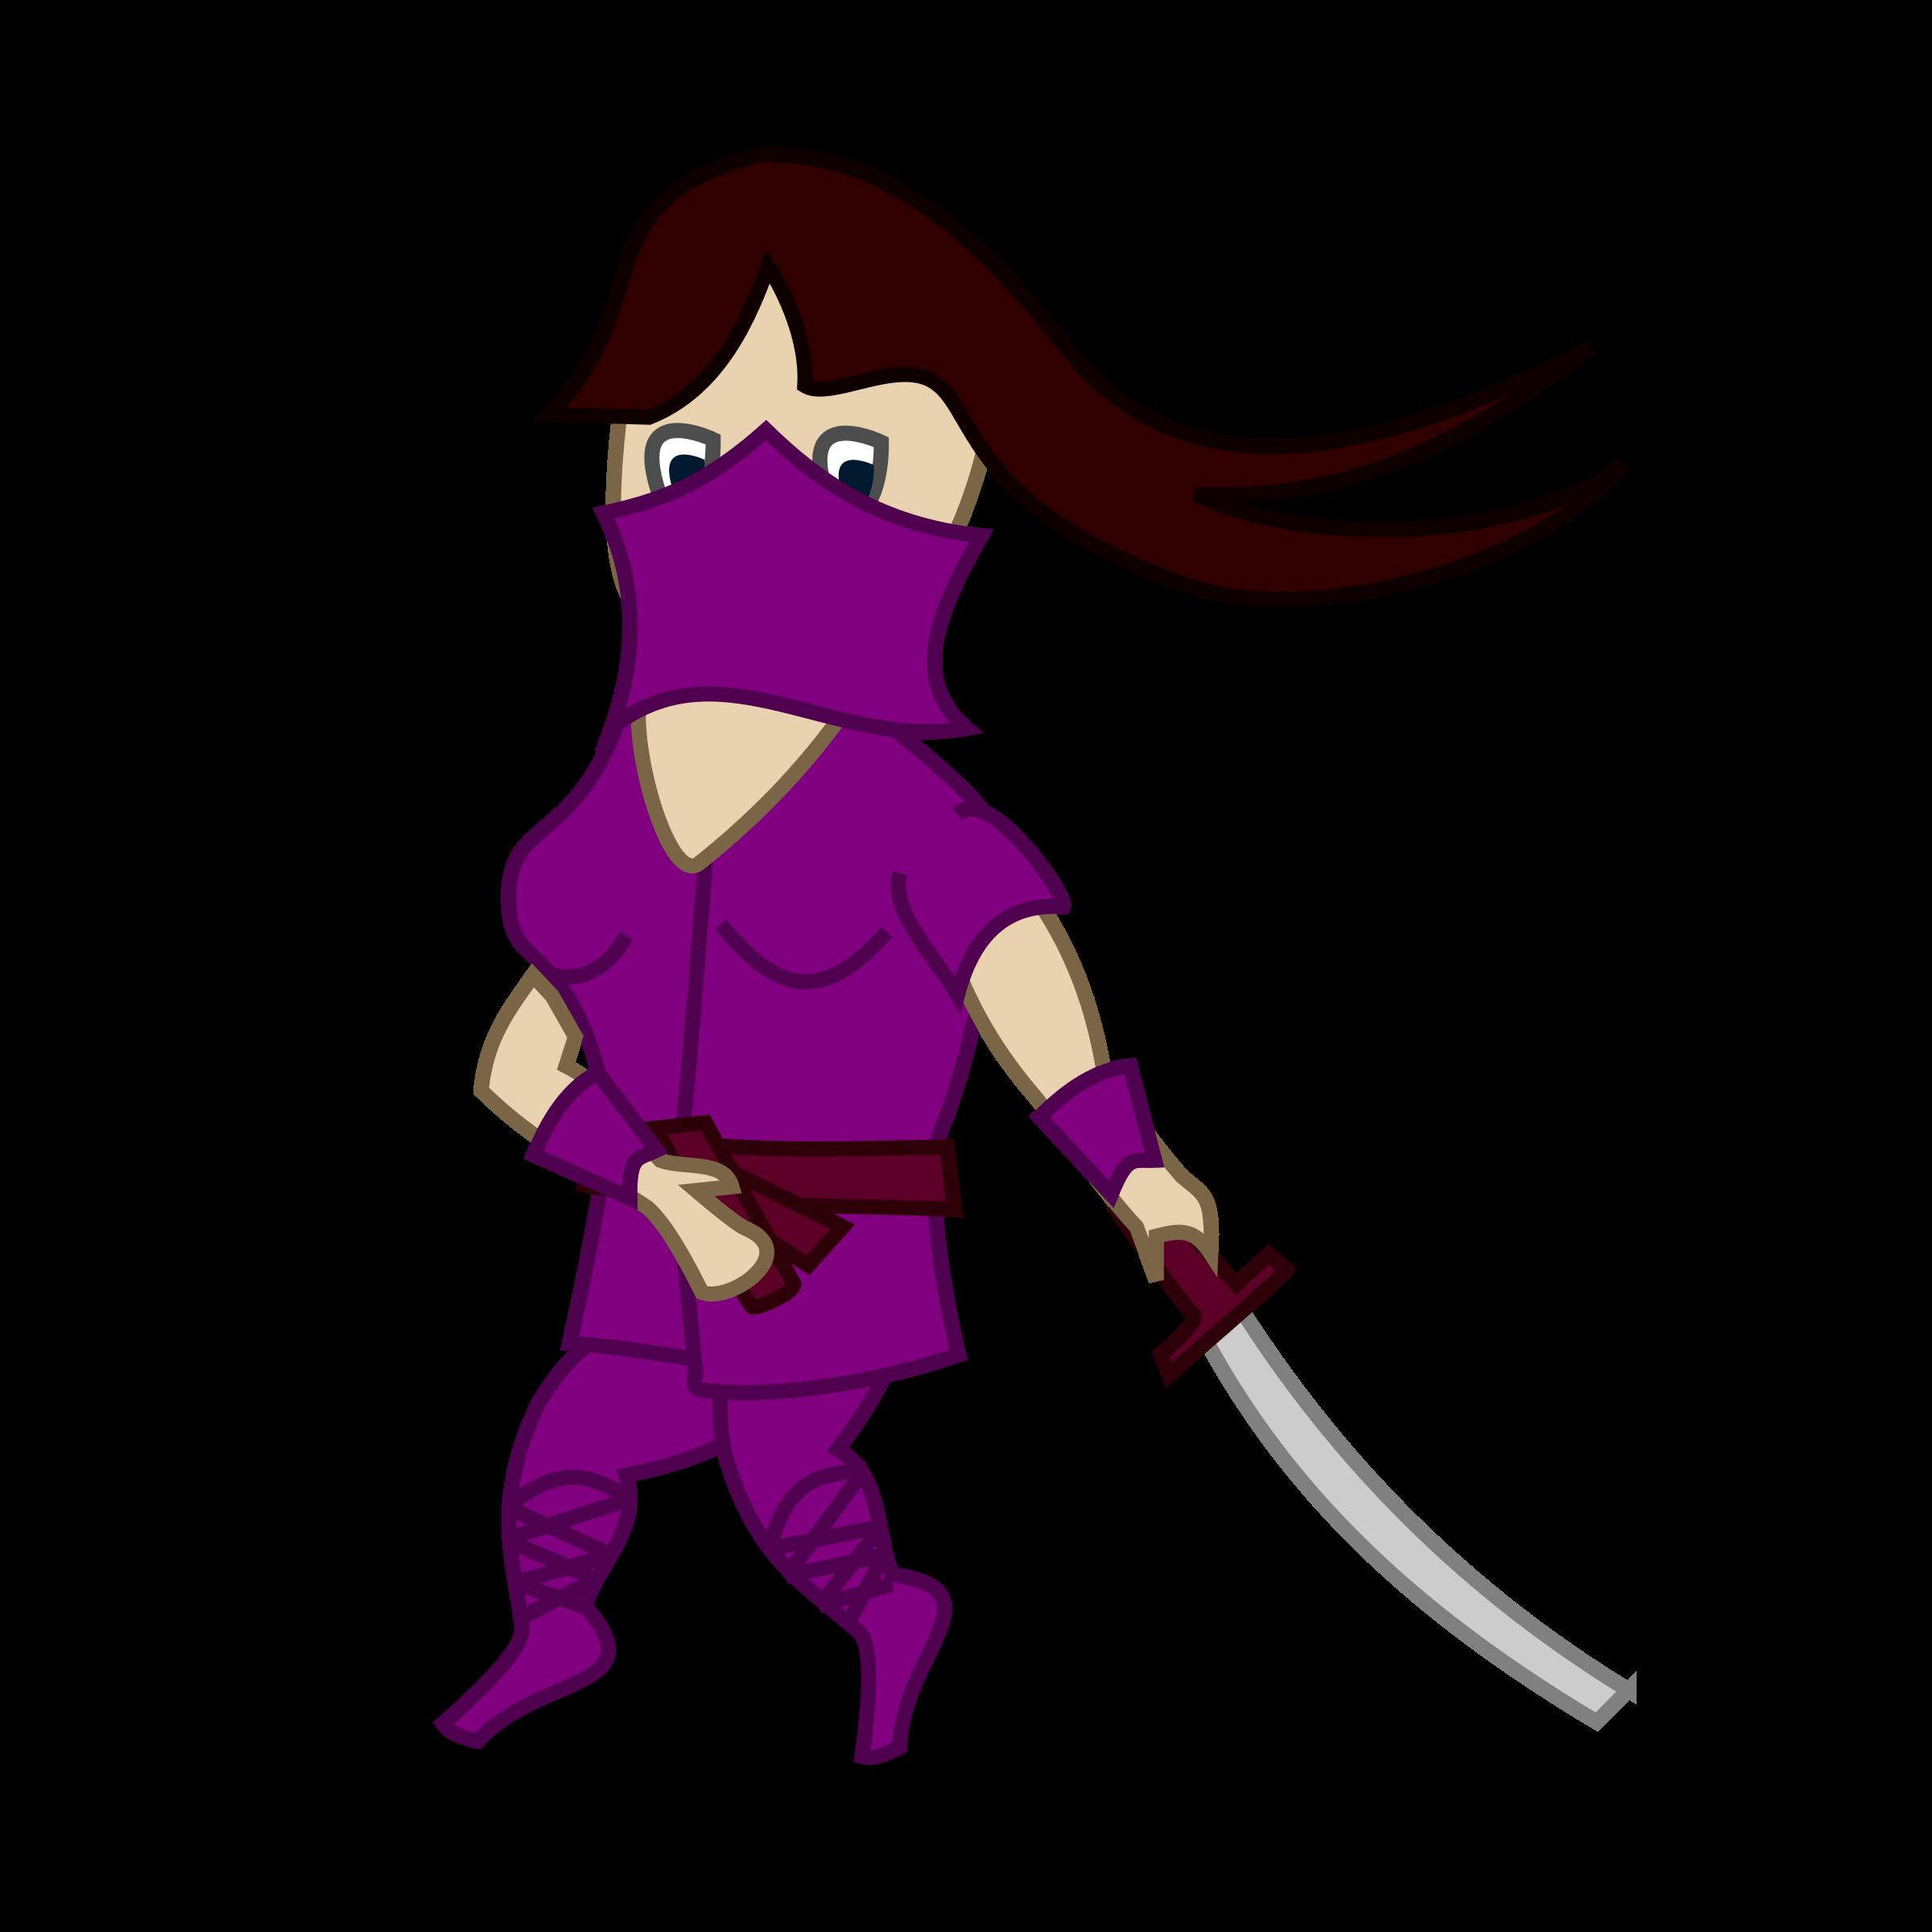 Ninja clipart kid ninja. Comic characters big image